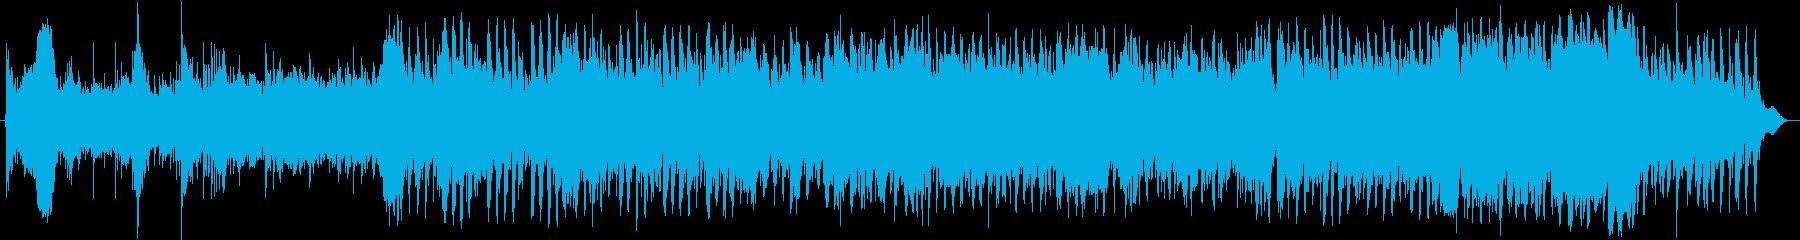 龍神【和風オーケストラ戦闘曲】の再生済みの波形